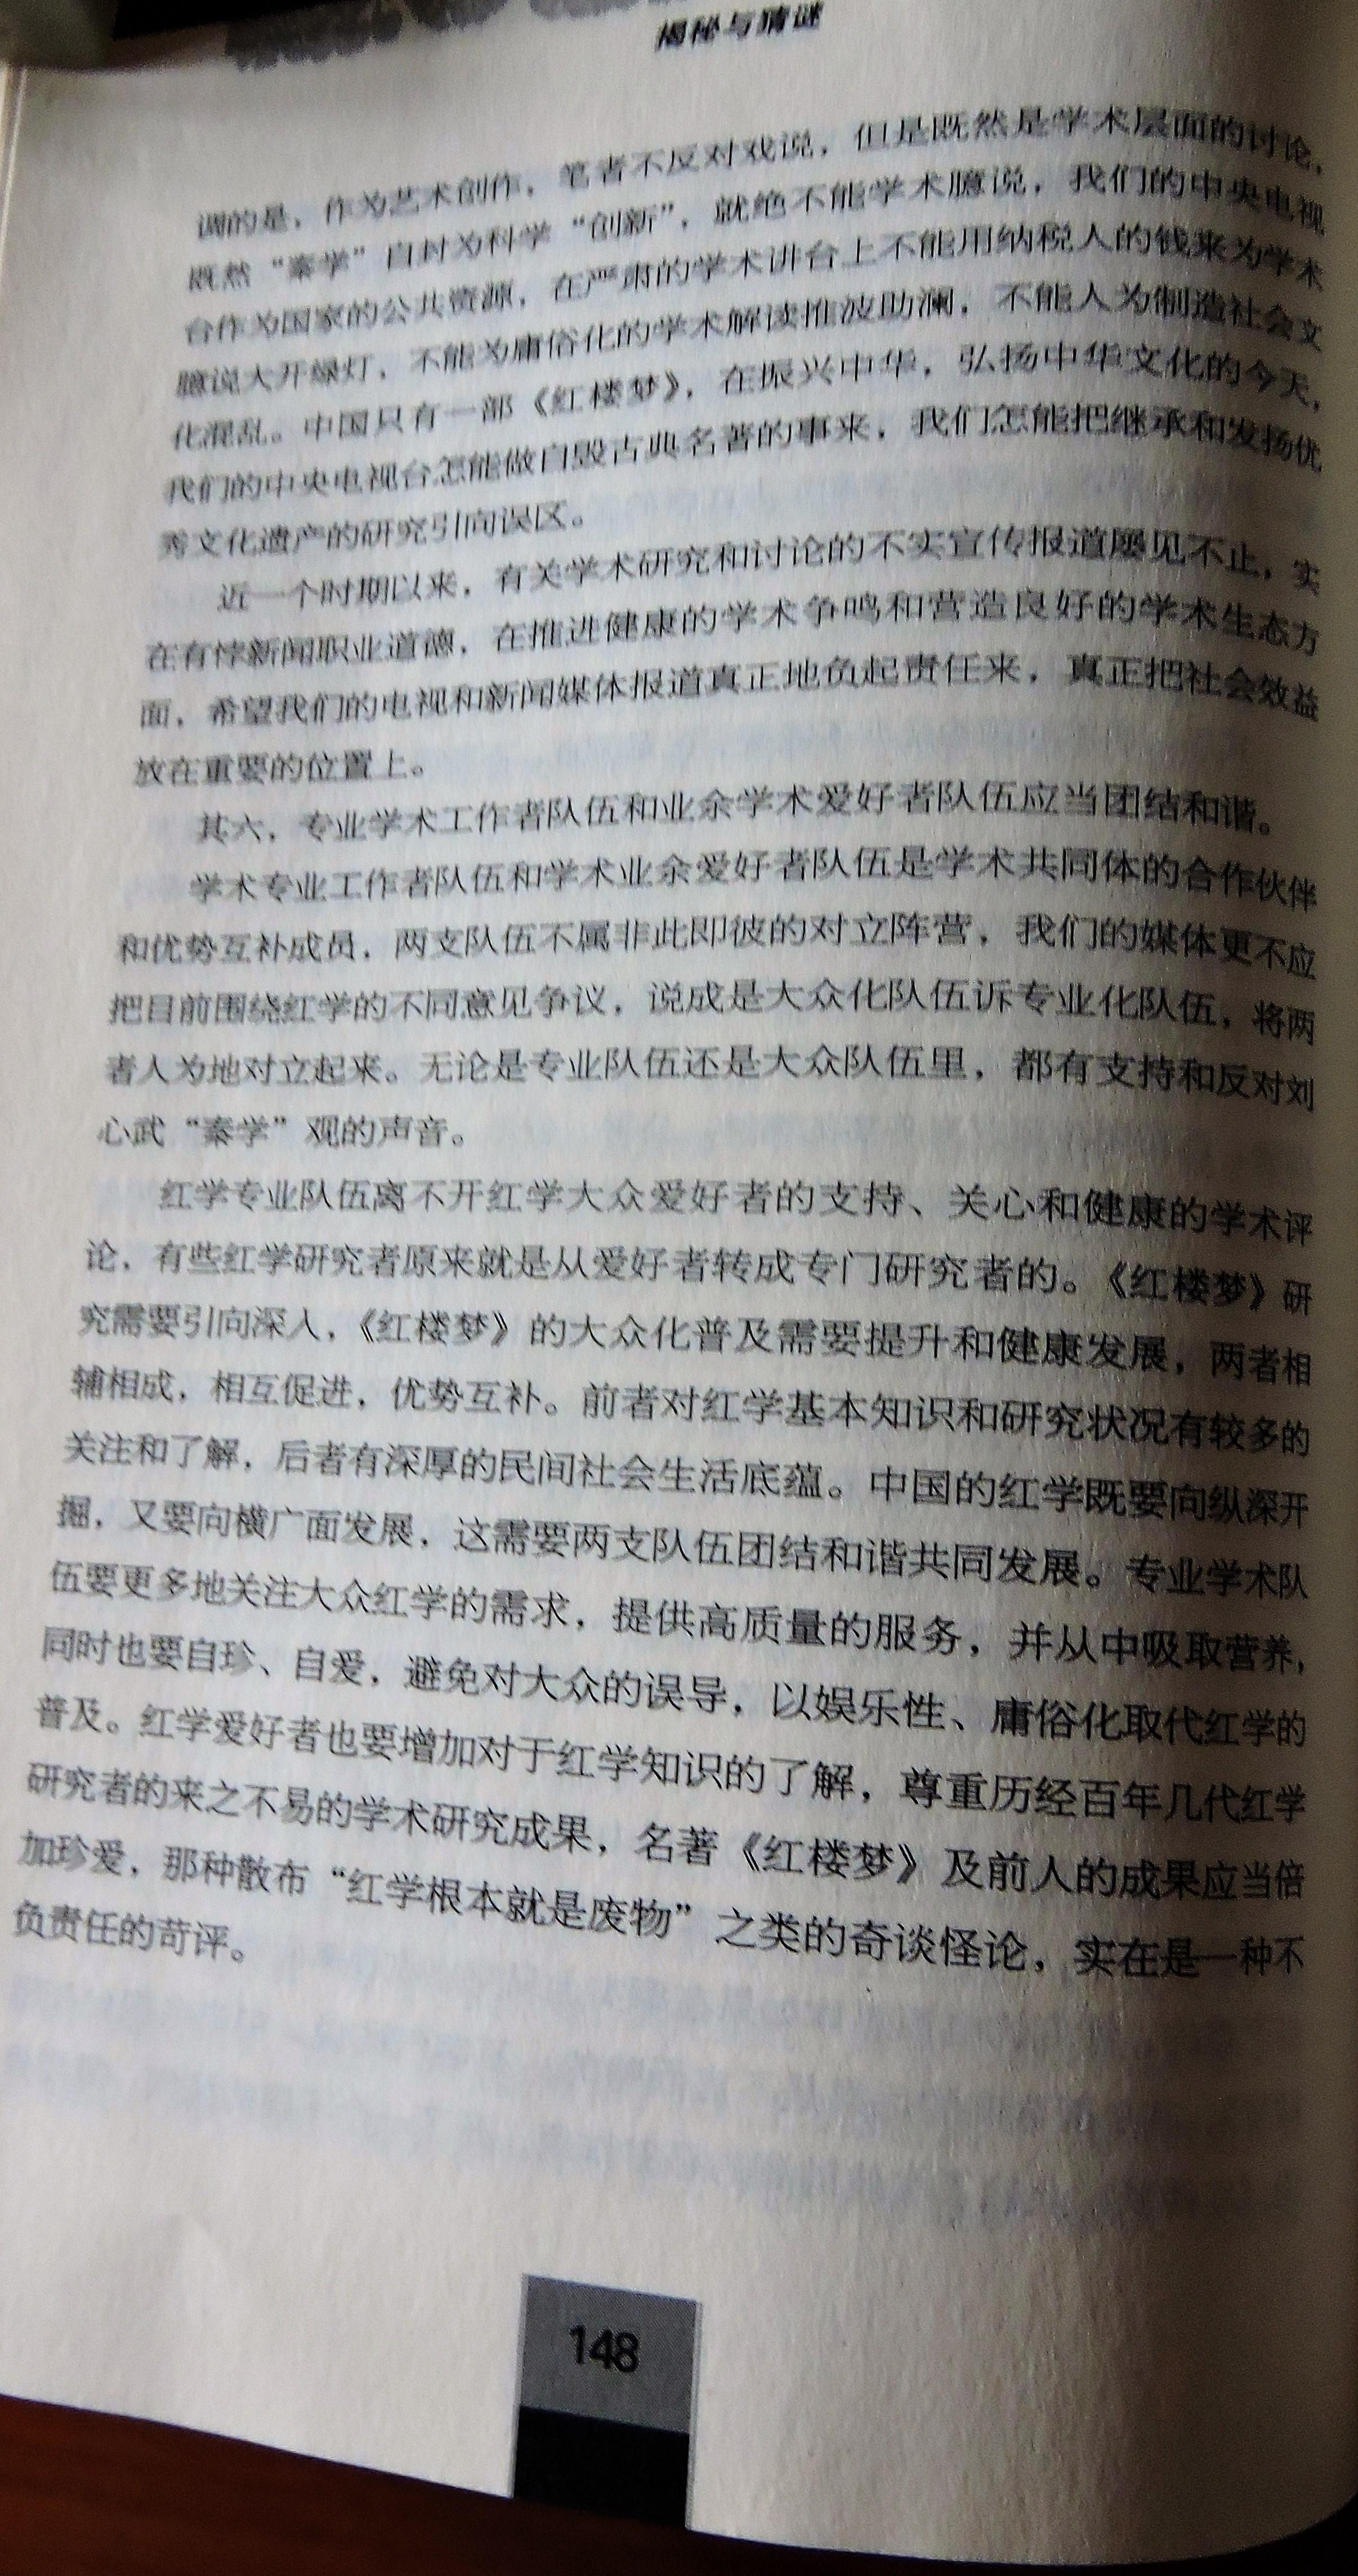 5 DSCN8674.jpg